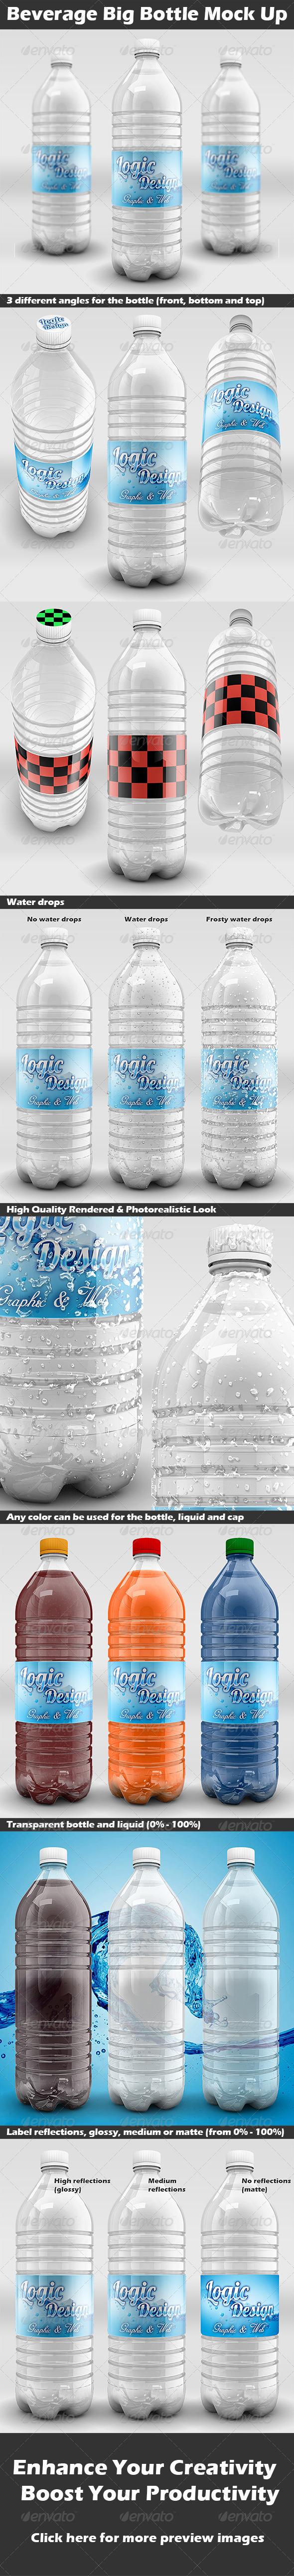 Beverage Big Bottle Mock Up - Food and Drink Packaging